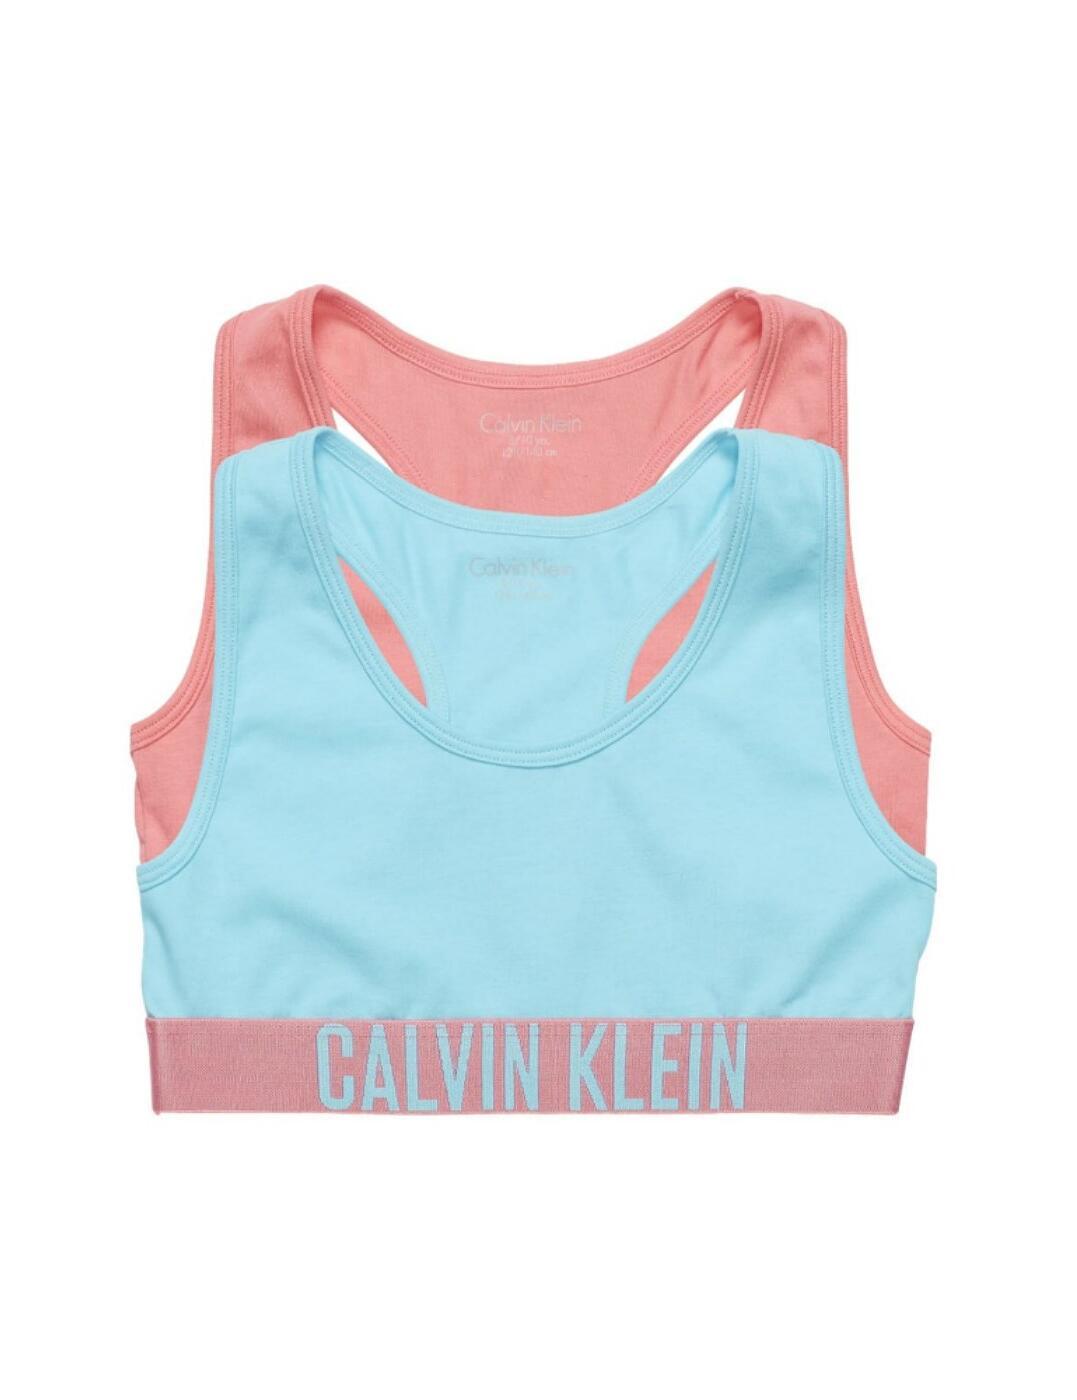 G80G800143 Calvin Klein Intense Power Girls 2 Pack Bralette - G80G800143 Pink Lemonade/Capri